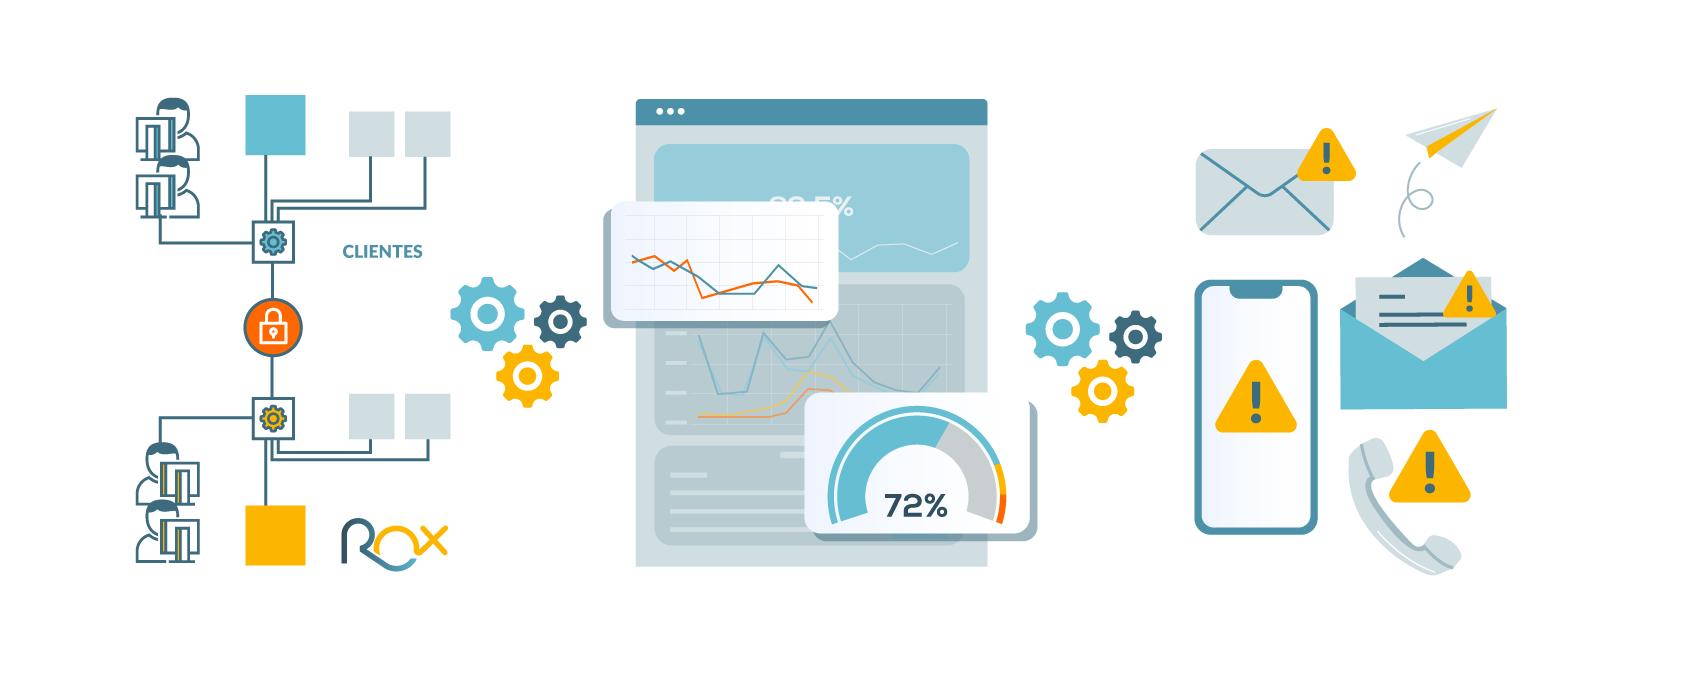 Desenhos de engrenagens, gráficos e conexões de dados